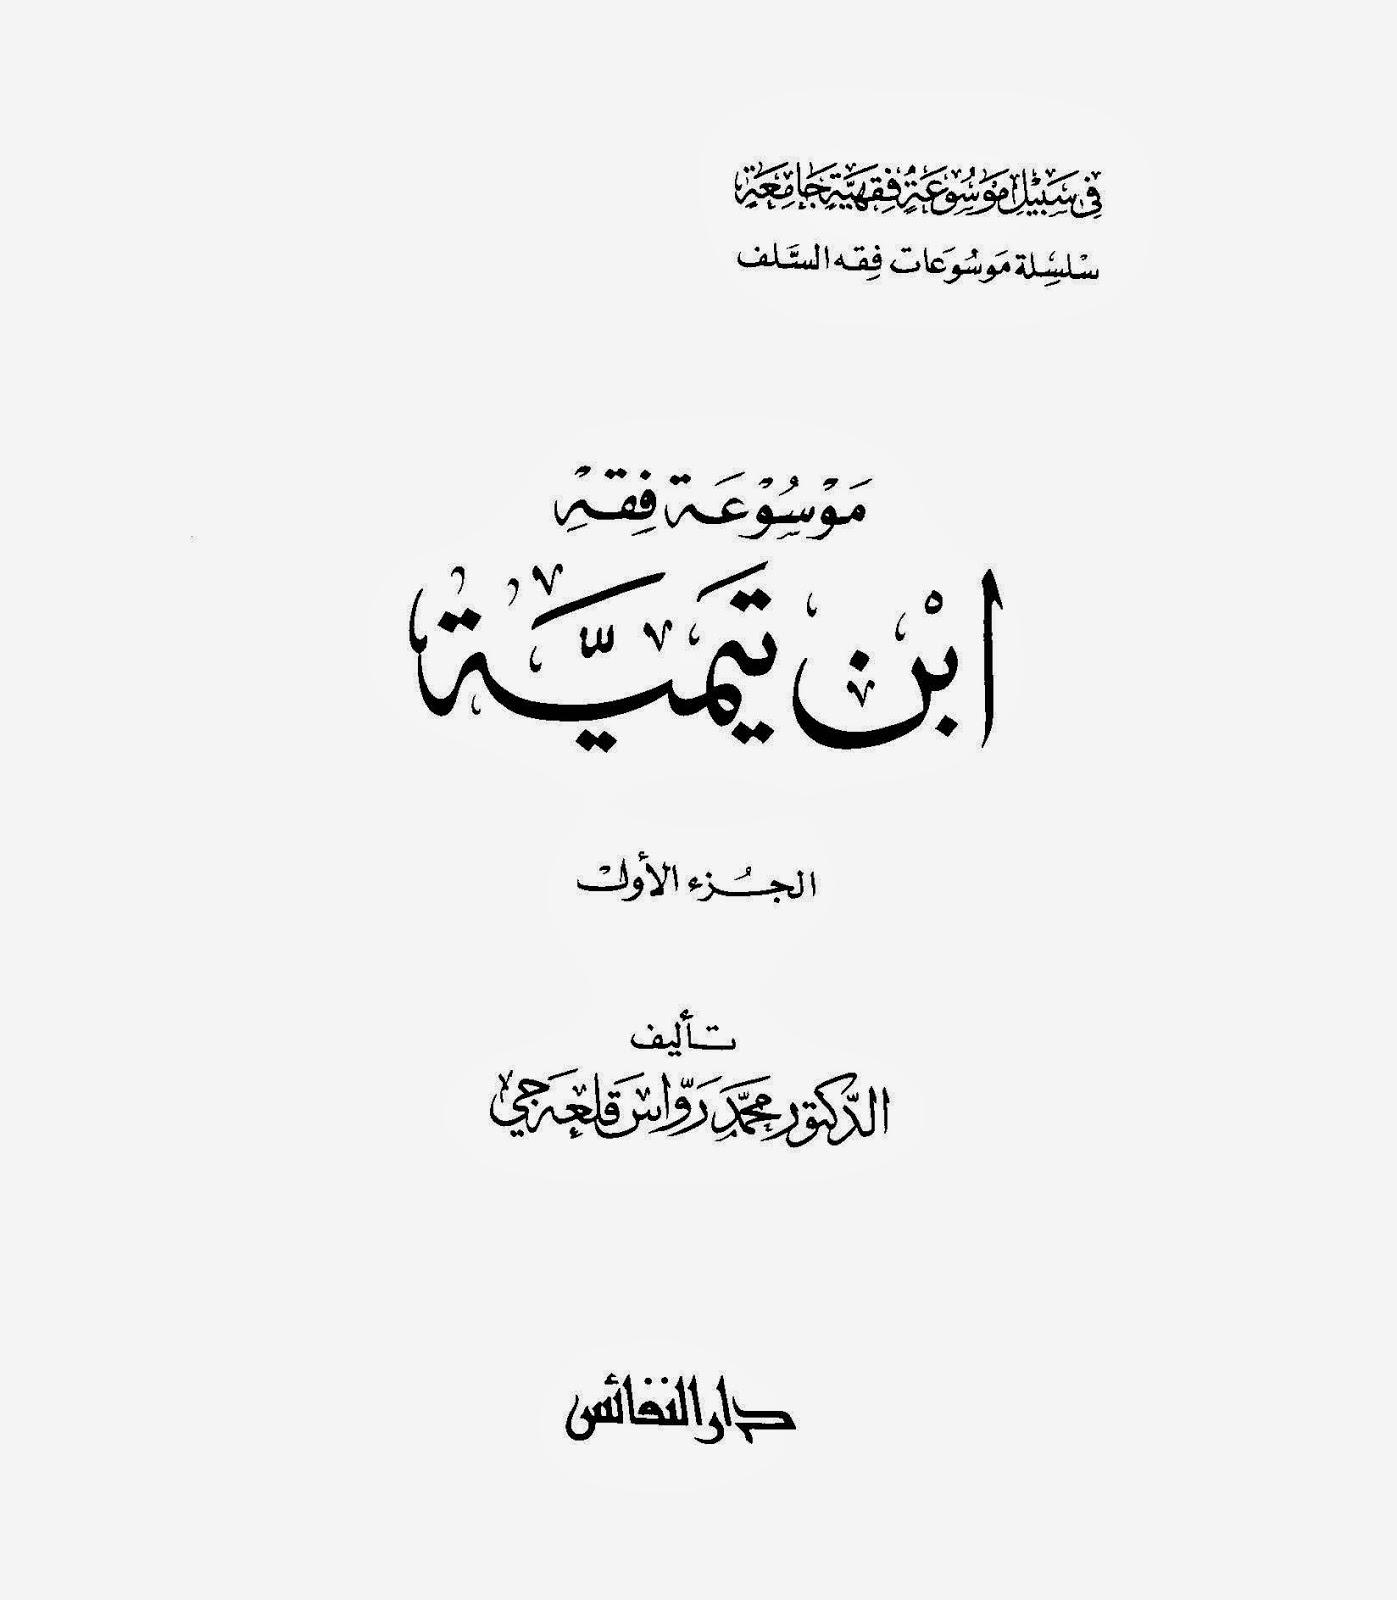 موسوعة فقه ابن تيمية - رواس قلعه جي pdf